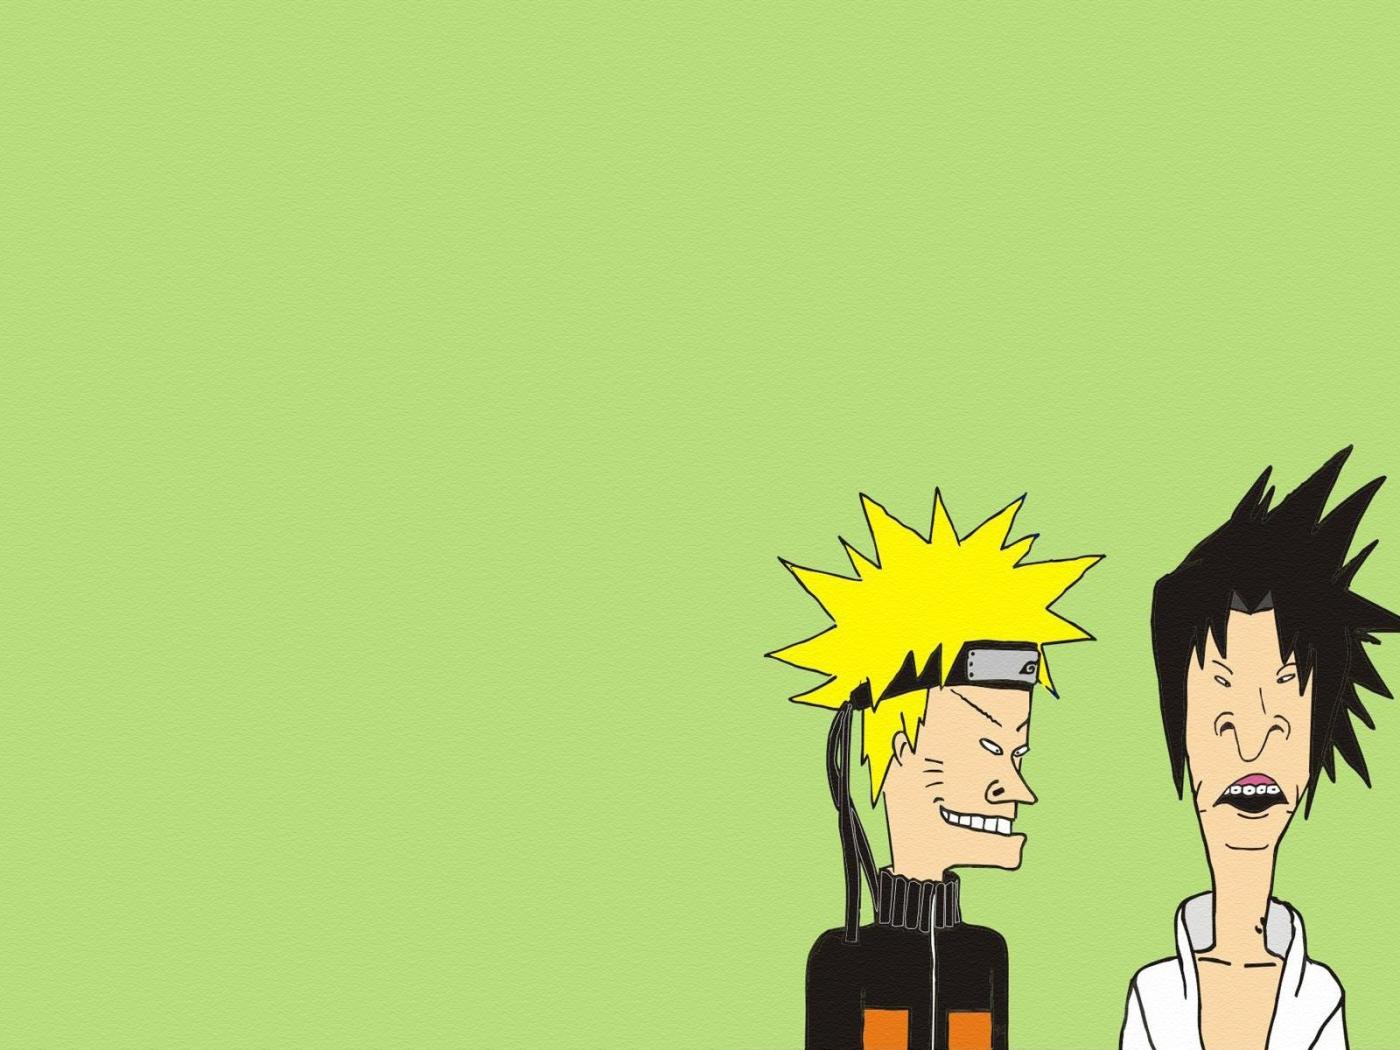 1400x1050 Naruto Beavis And Butt Head Minimalism 1400x1050